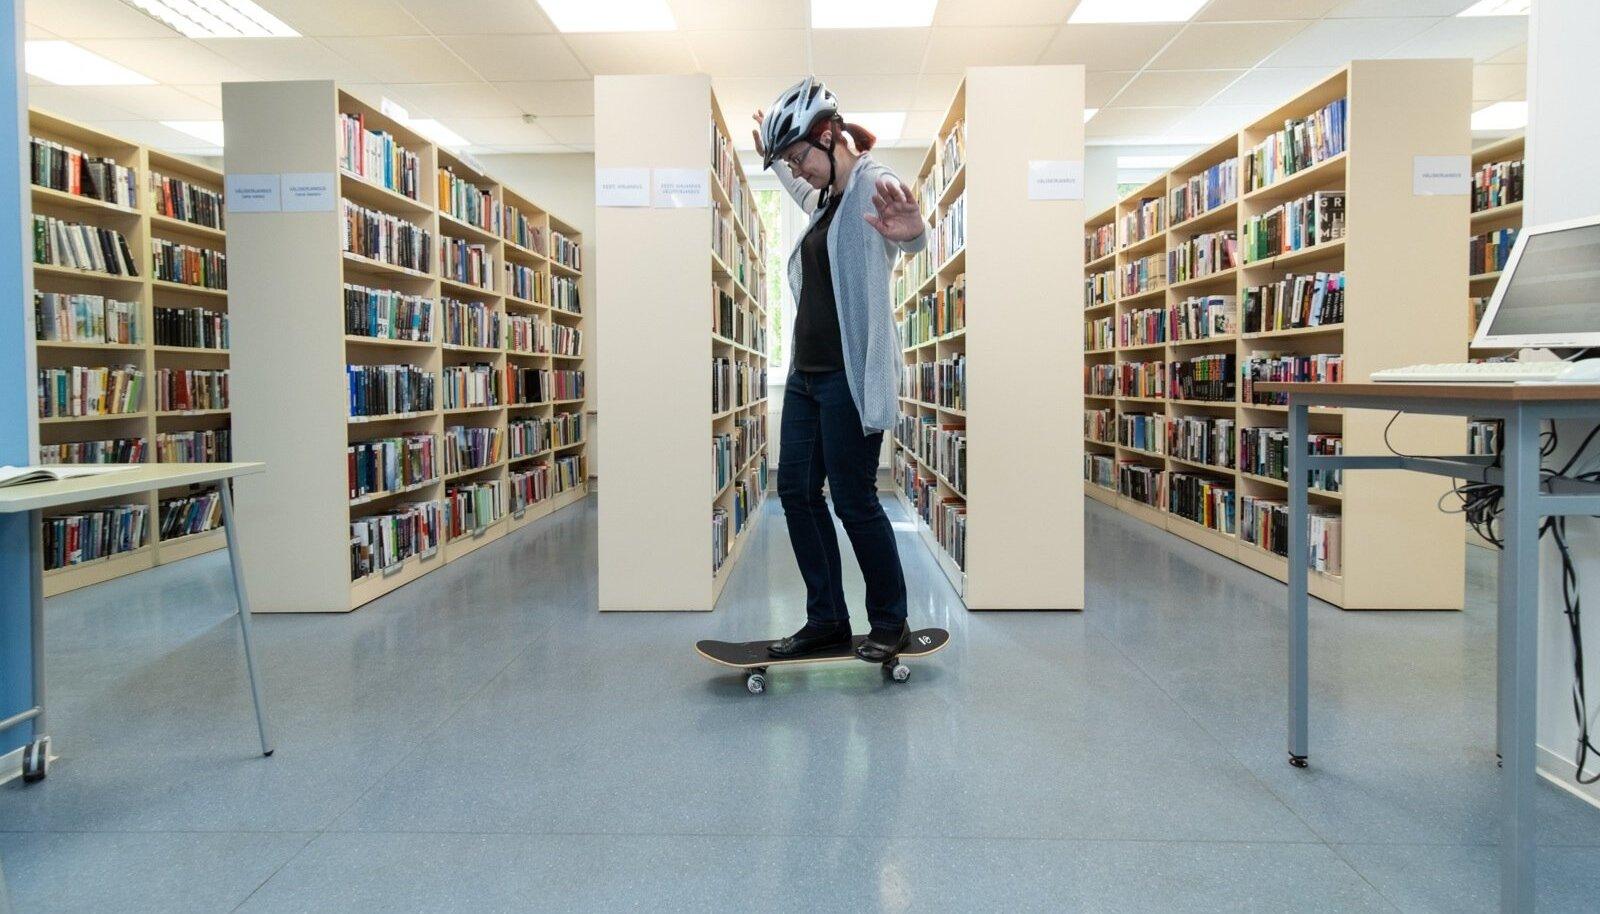 Kalamaja raamatukogu juhataja Helen Reiser-Liim sõidab rulaga, mida iga soovija raamatukogust laenata saab.